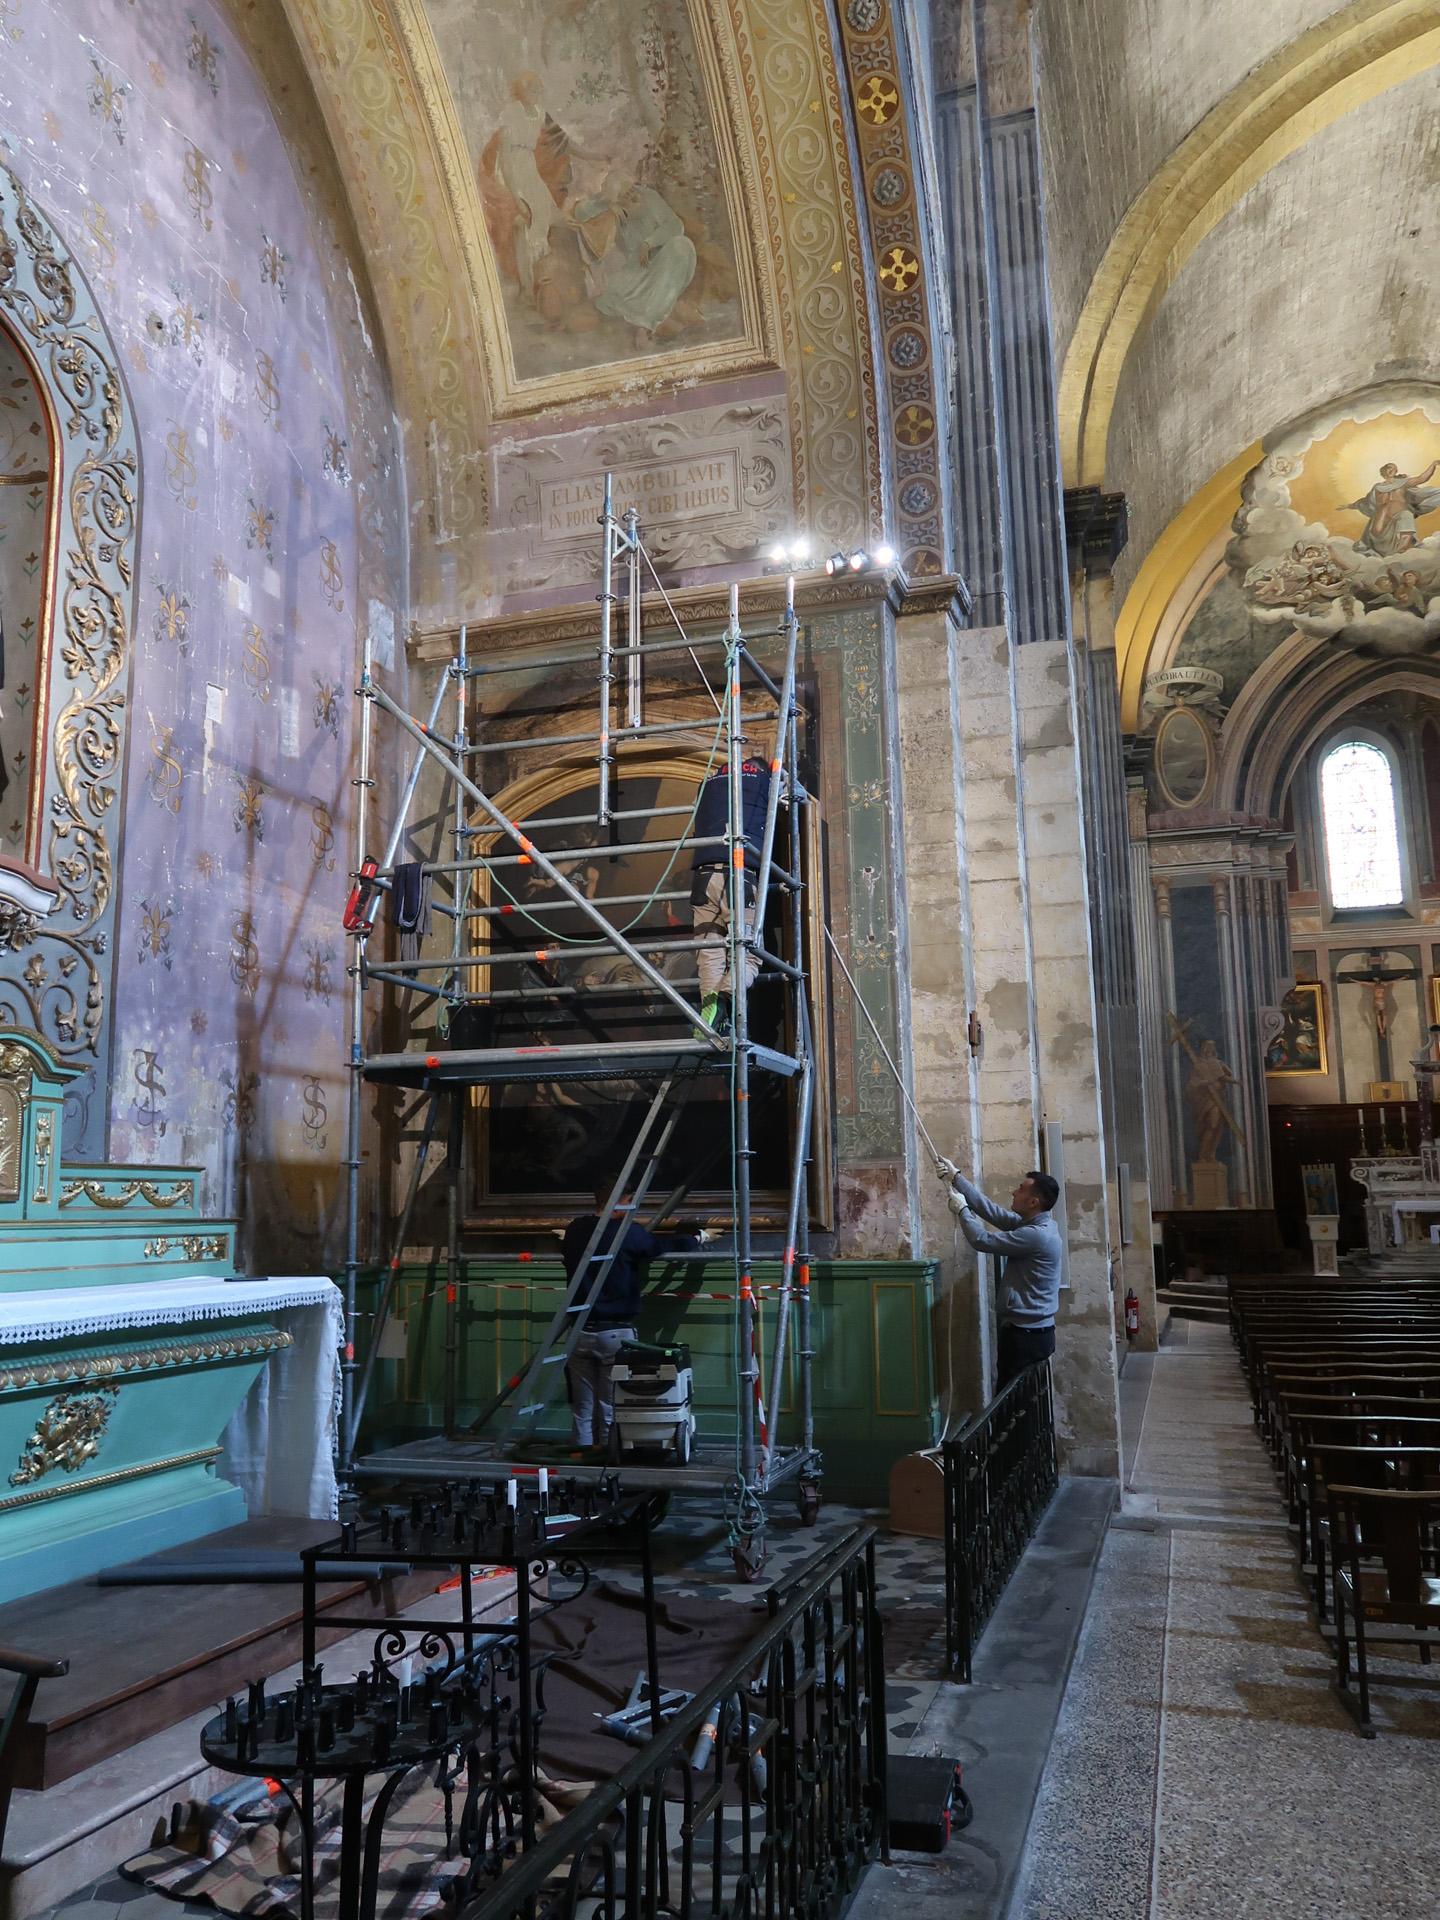 004-AtelierTournillon-Cathedrale-Notre-Dame-de-Nazareth